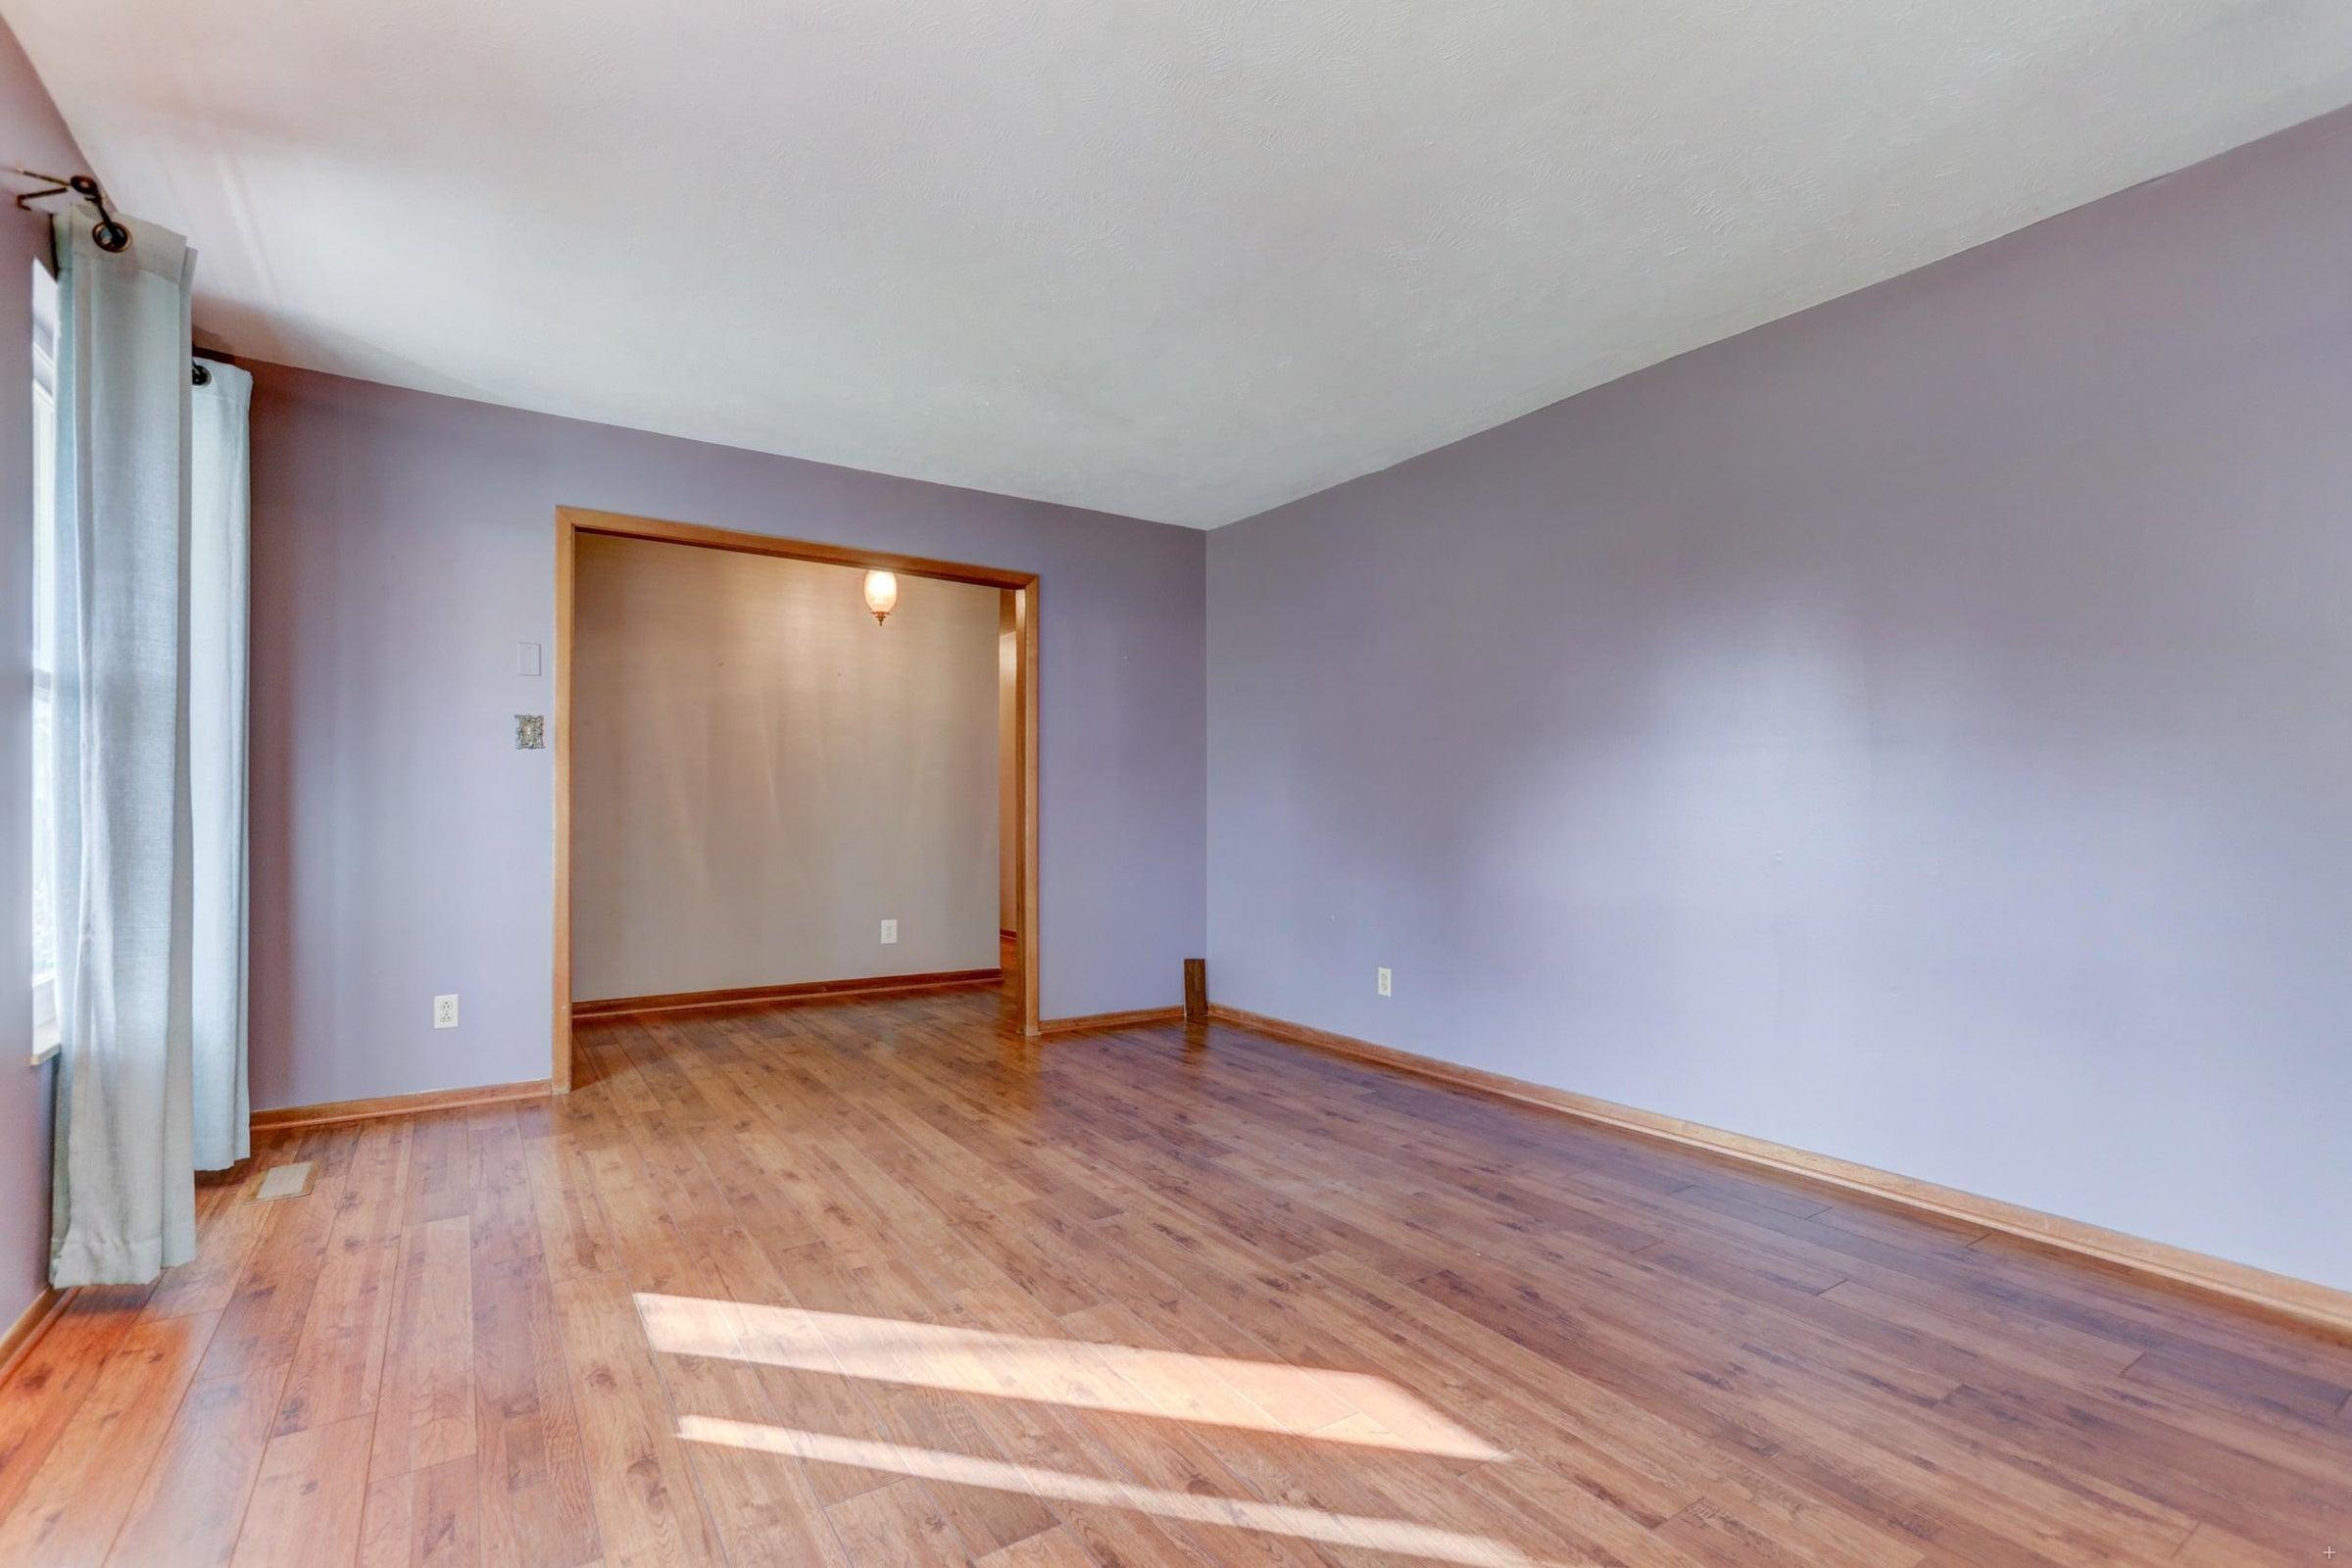 301 Engert Living Room and Foyer